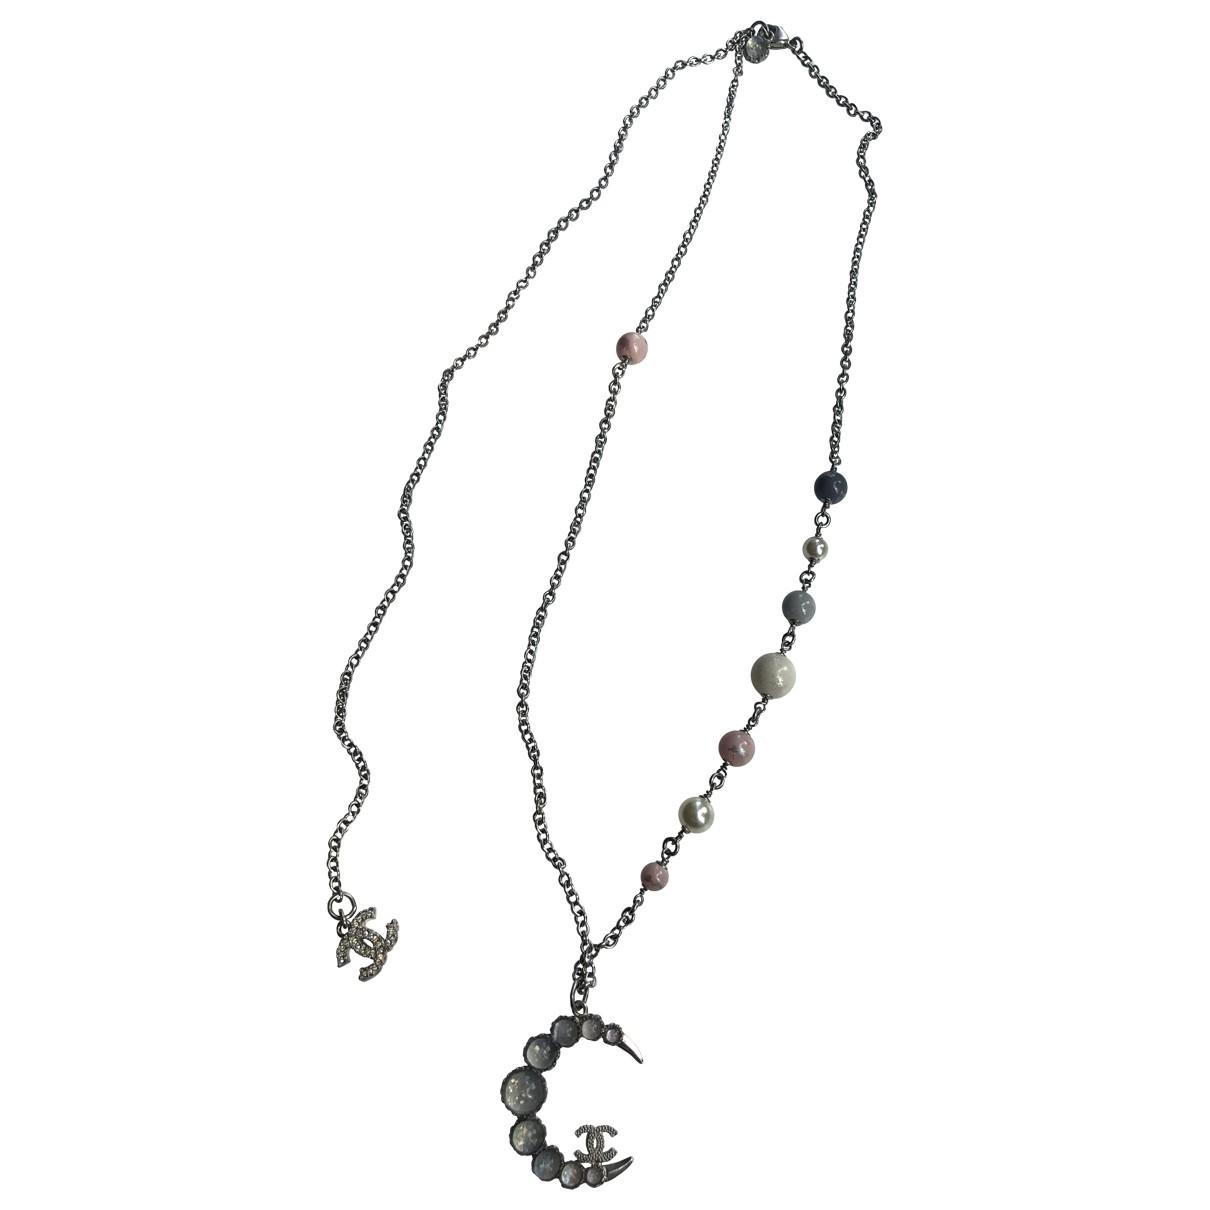 Chanel - Sautoir CC pour femme en perles - argente